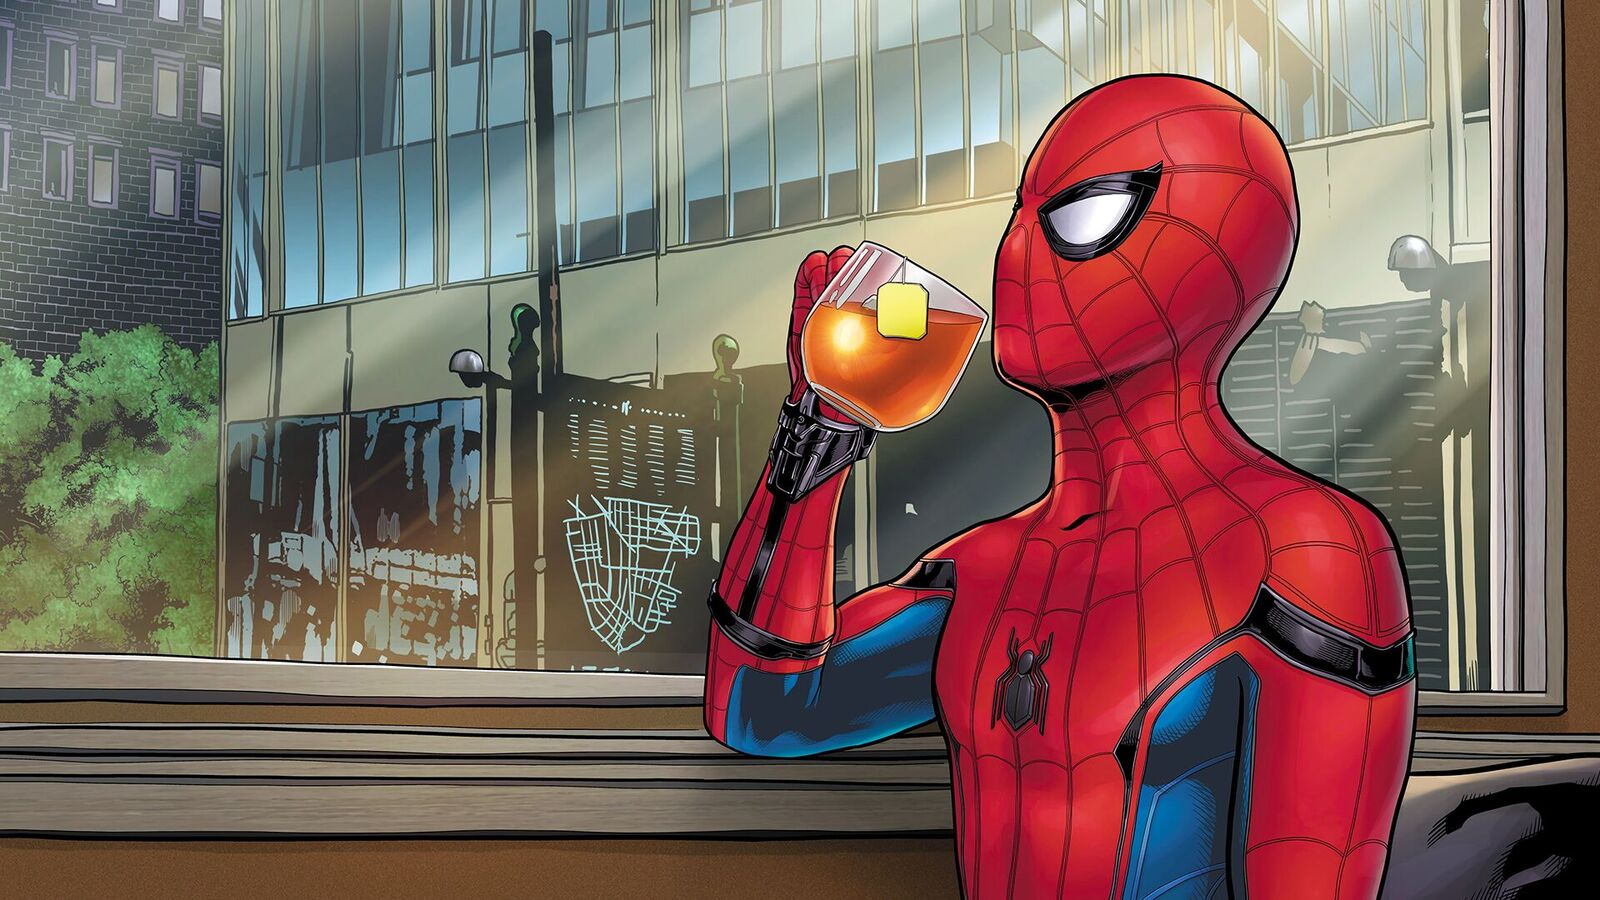 紅茶を飲むスパイダーマンのイラスト